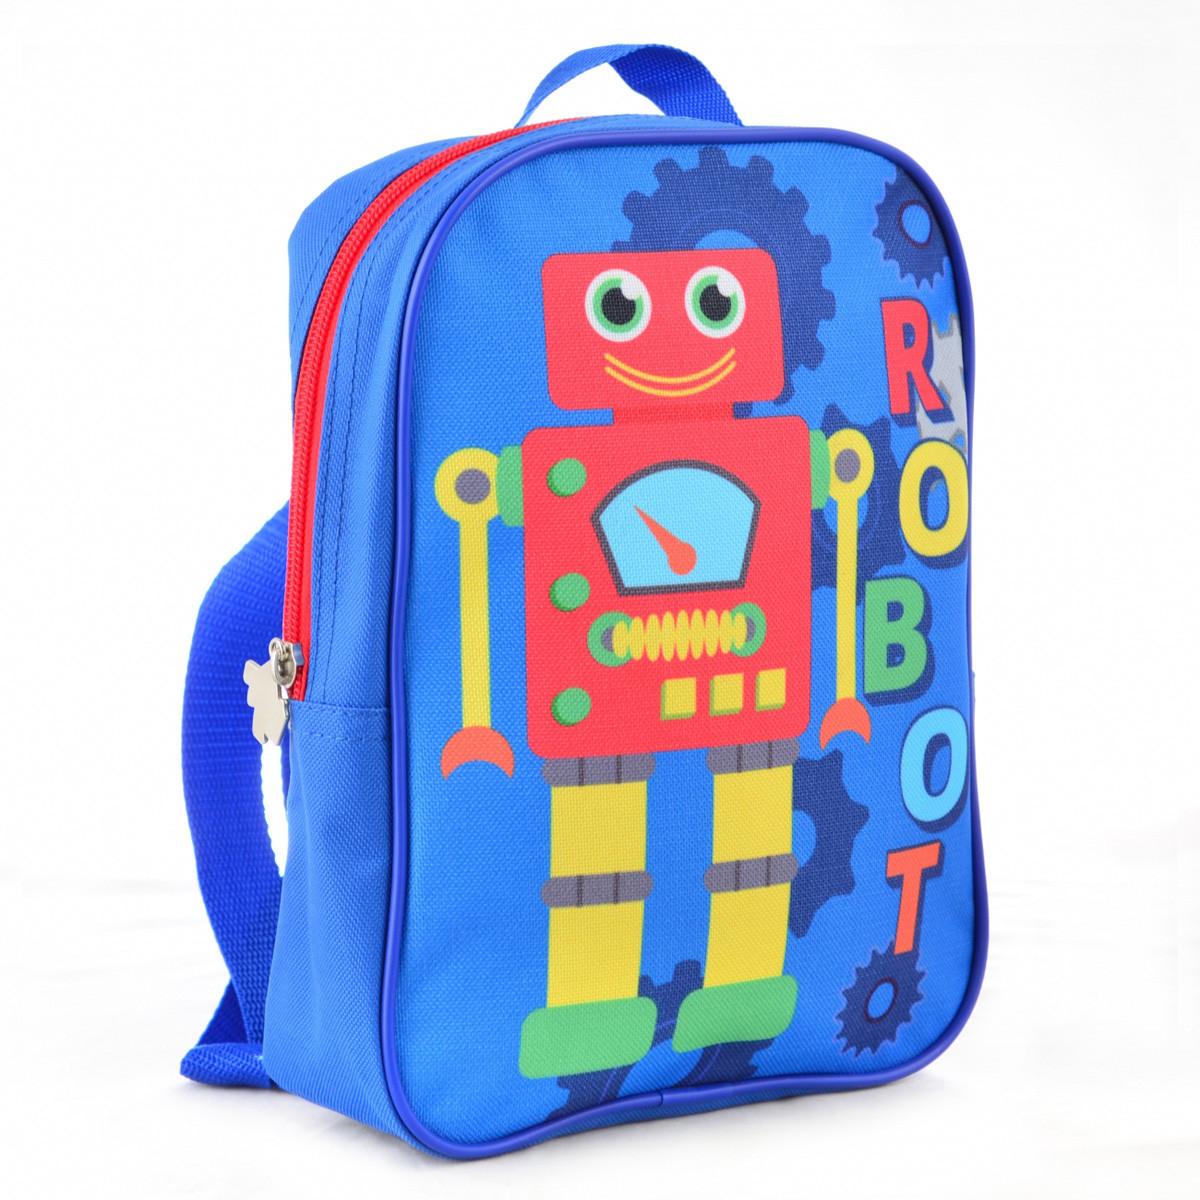 Рюкзак детский дошкольный YES K-18 Robot 24.5*17*6 код: 554750